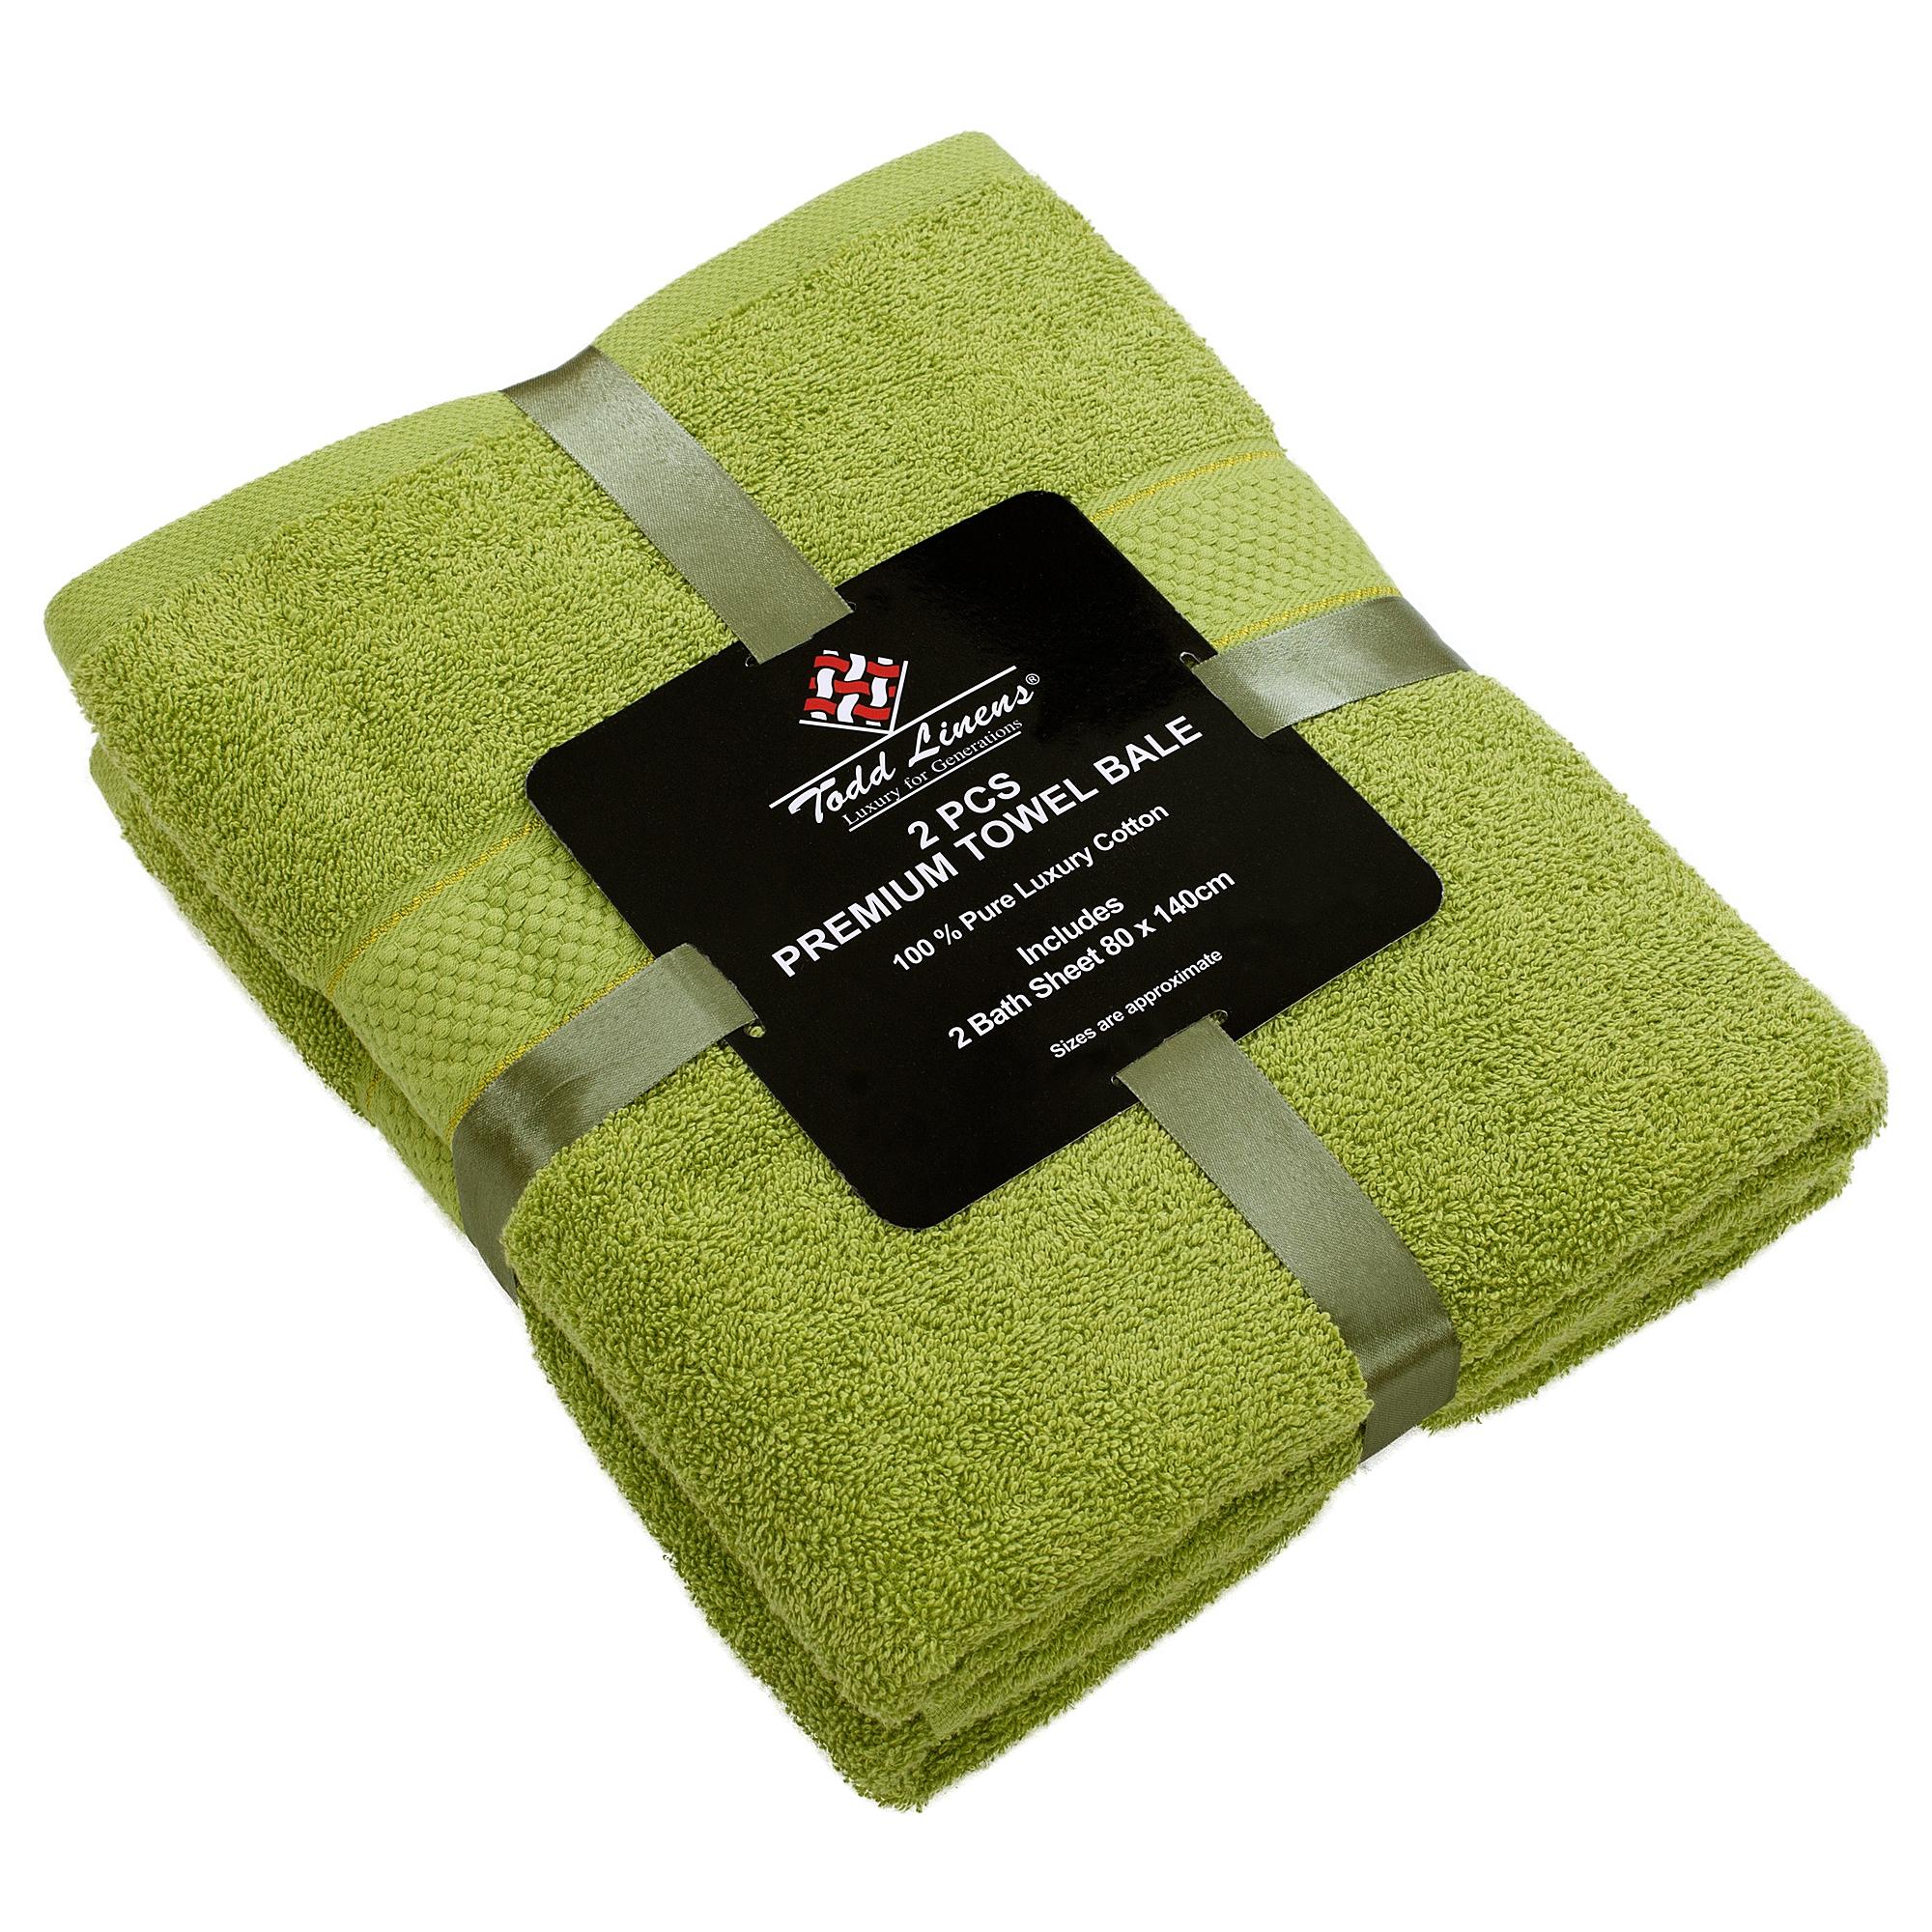 2 Pcs 100 % Cotton Premium Bath Sheet Towel Bale Set Olive Plain